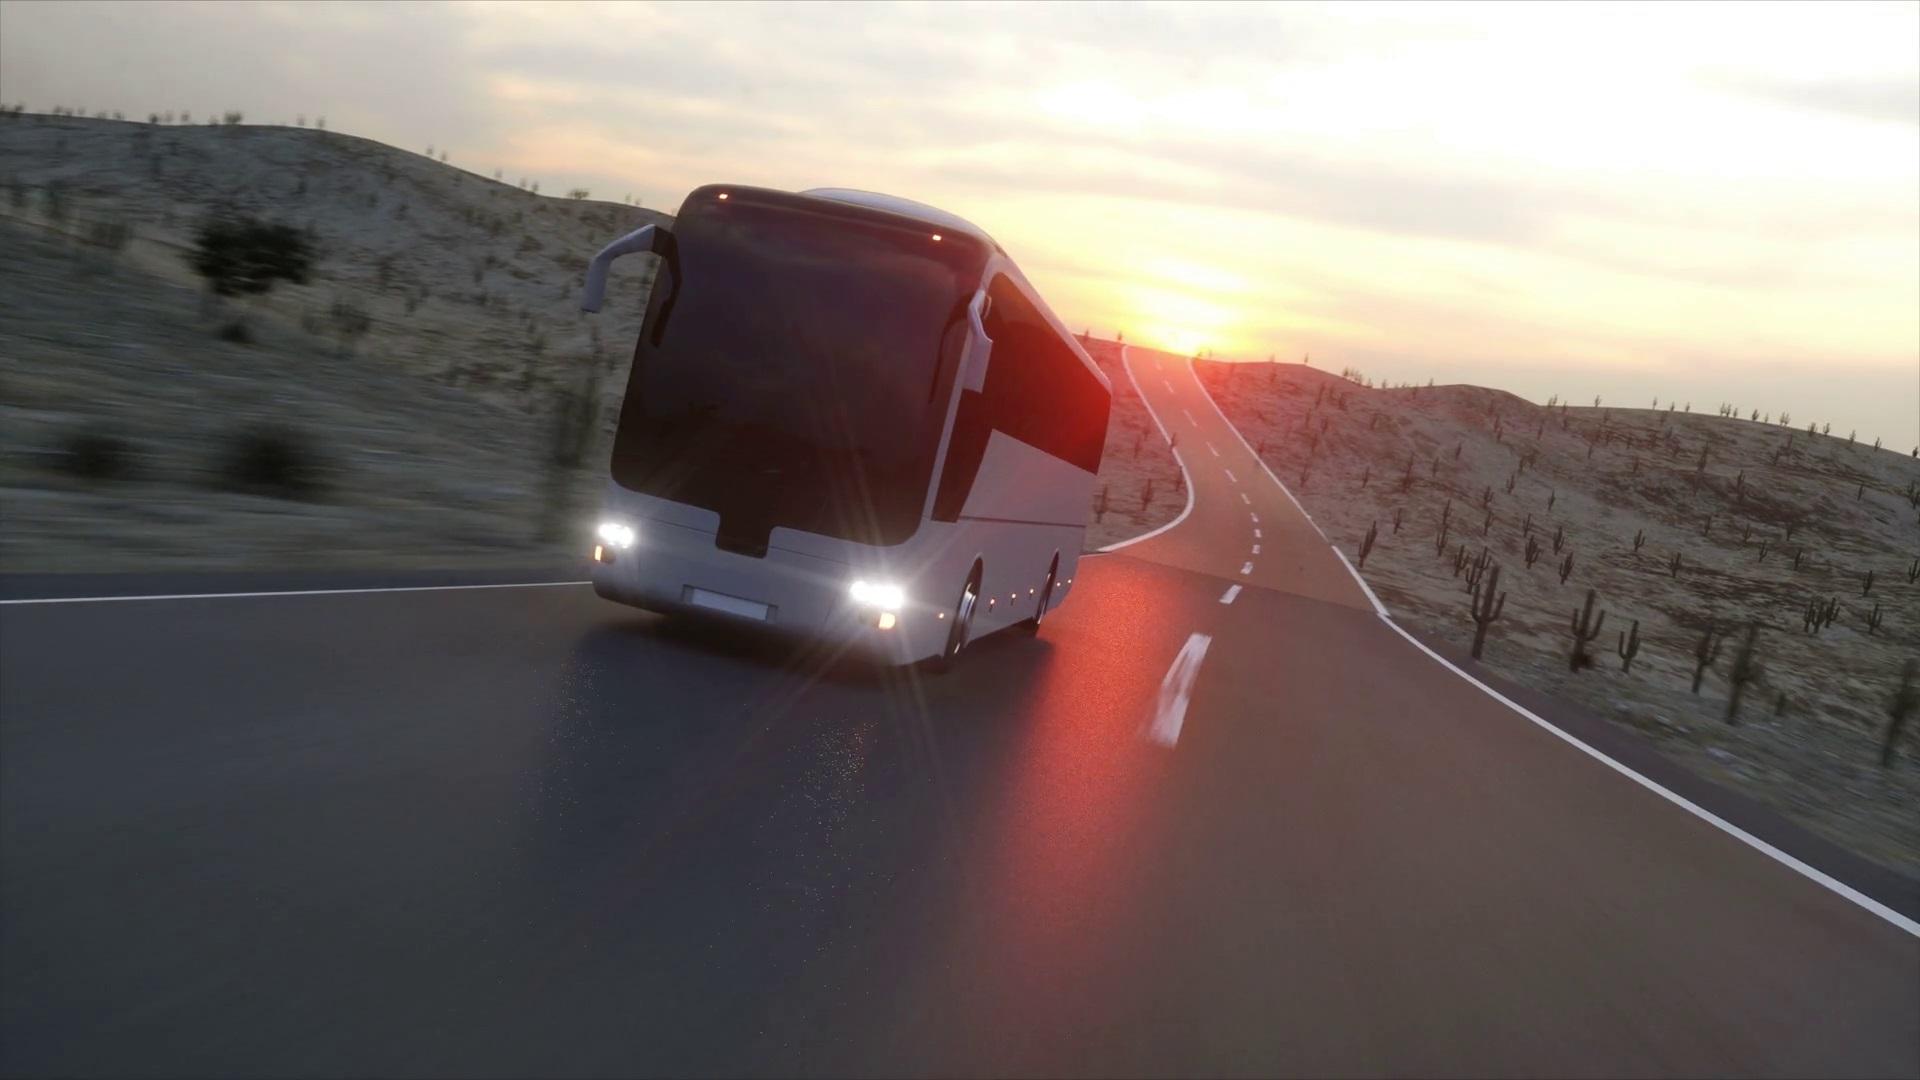 OK Travel Agenzia Viaggi - Tour in bus, viaggi organizzati, last minute